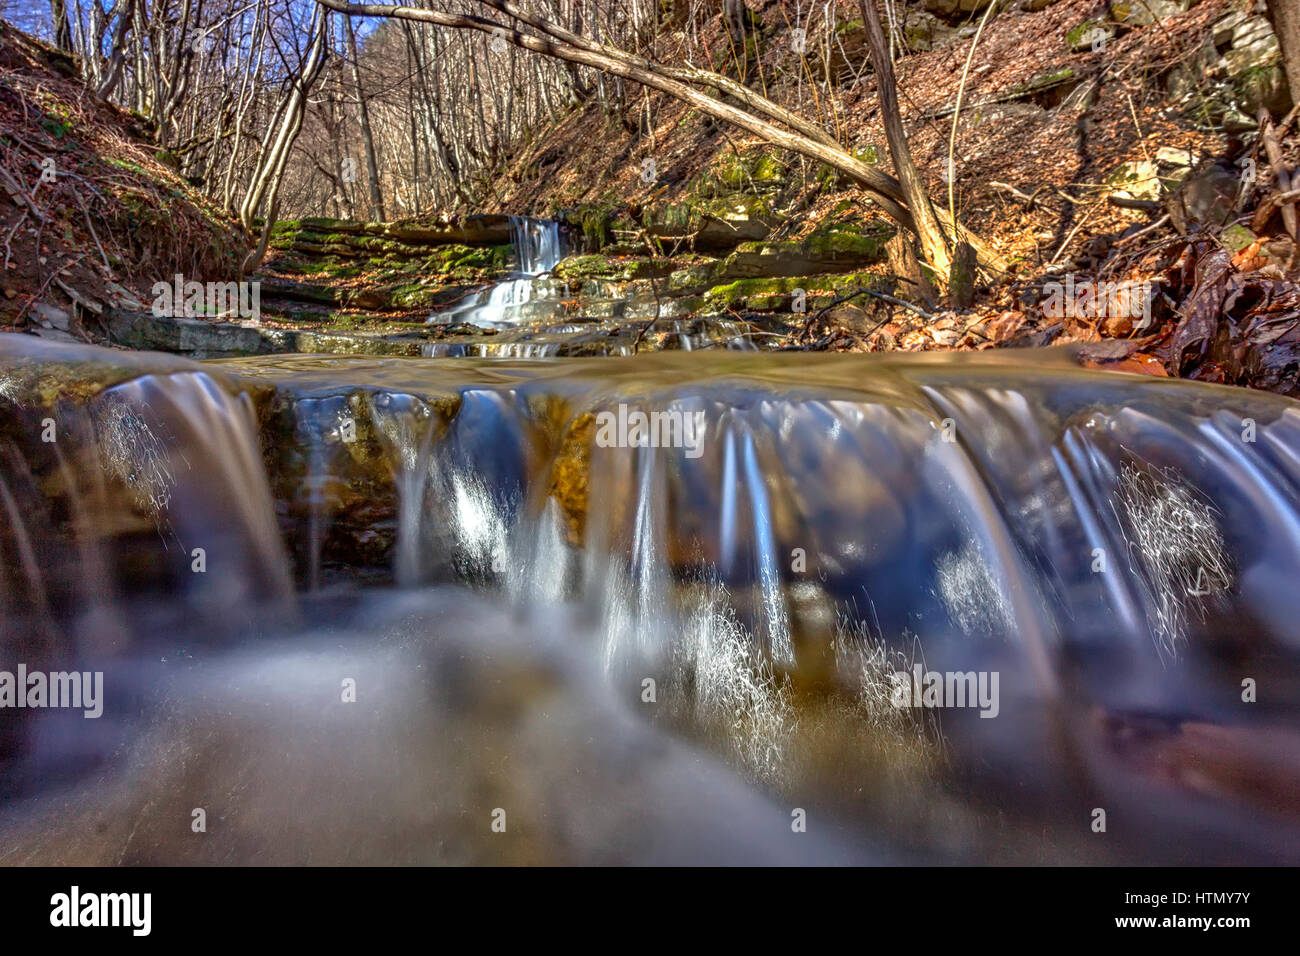 Voir de très près de l'eau en petite rivière avec des rochers dans la montagne Banque D'Images